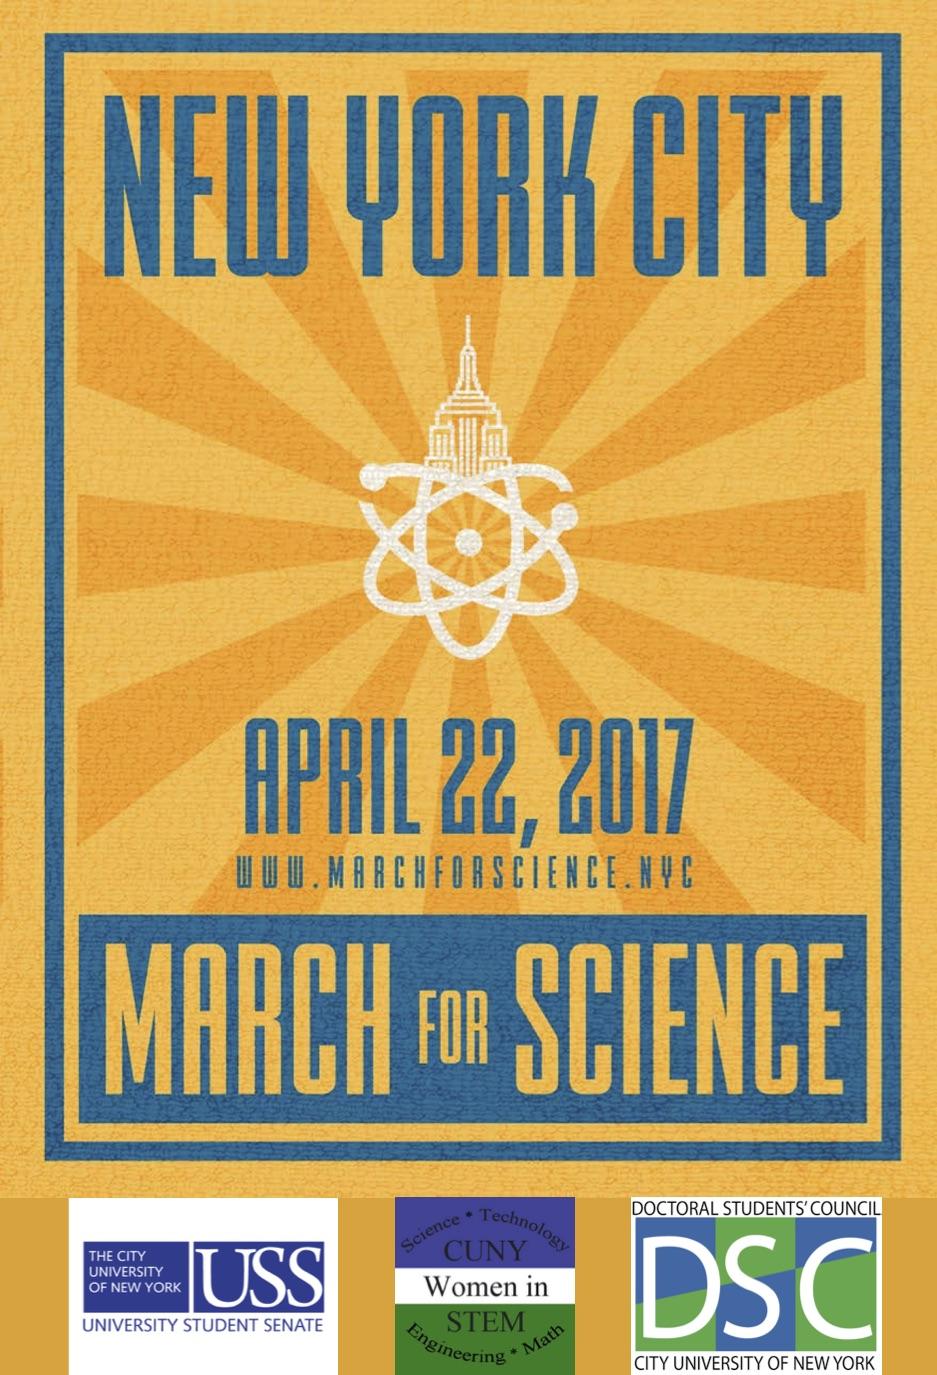 CUNY Women in STEM | A community for women in science